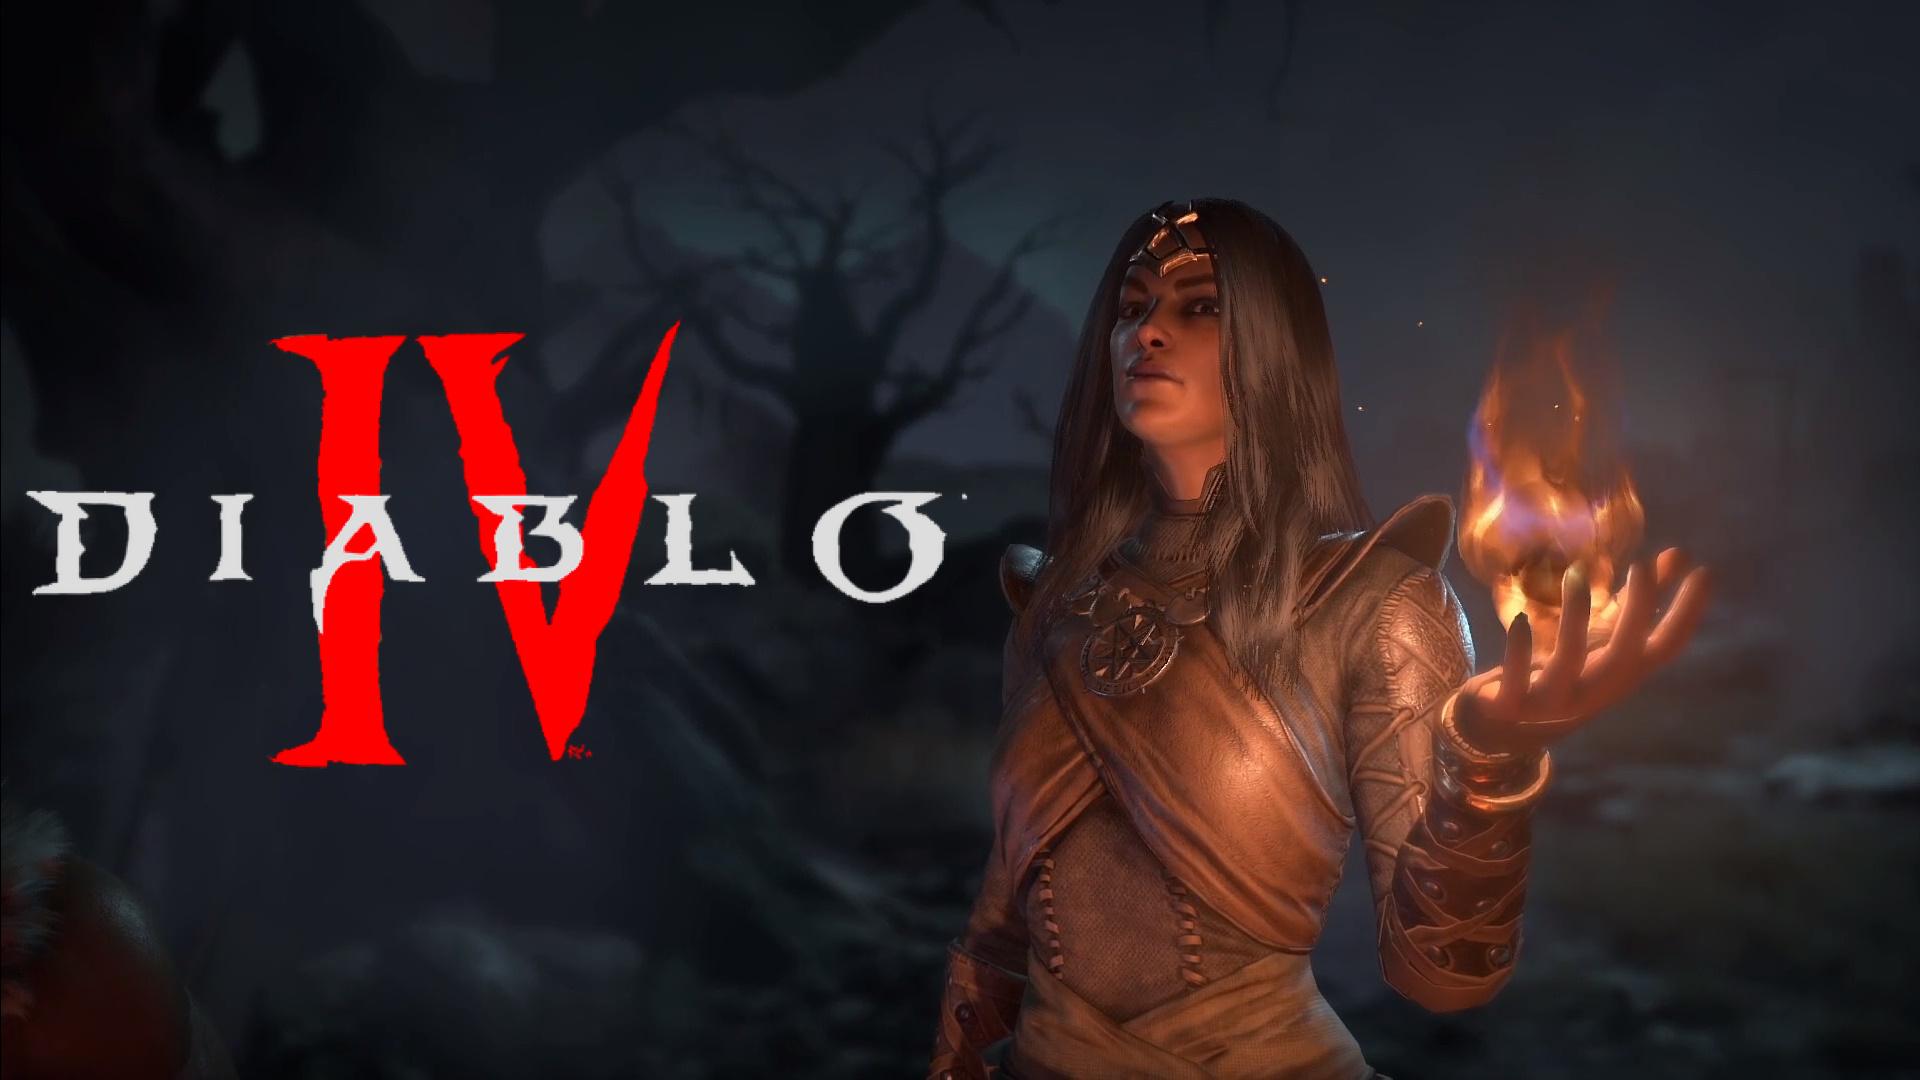 Diablo 4,تاریخ انتشار Diablo 4